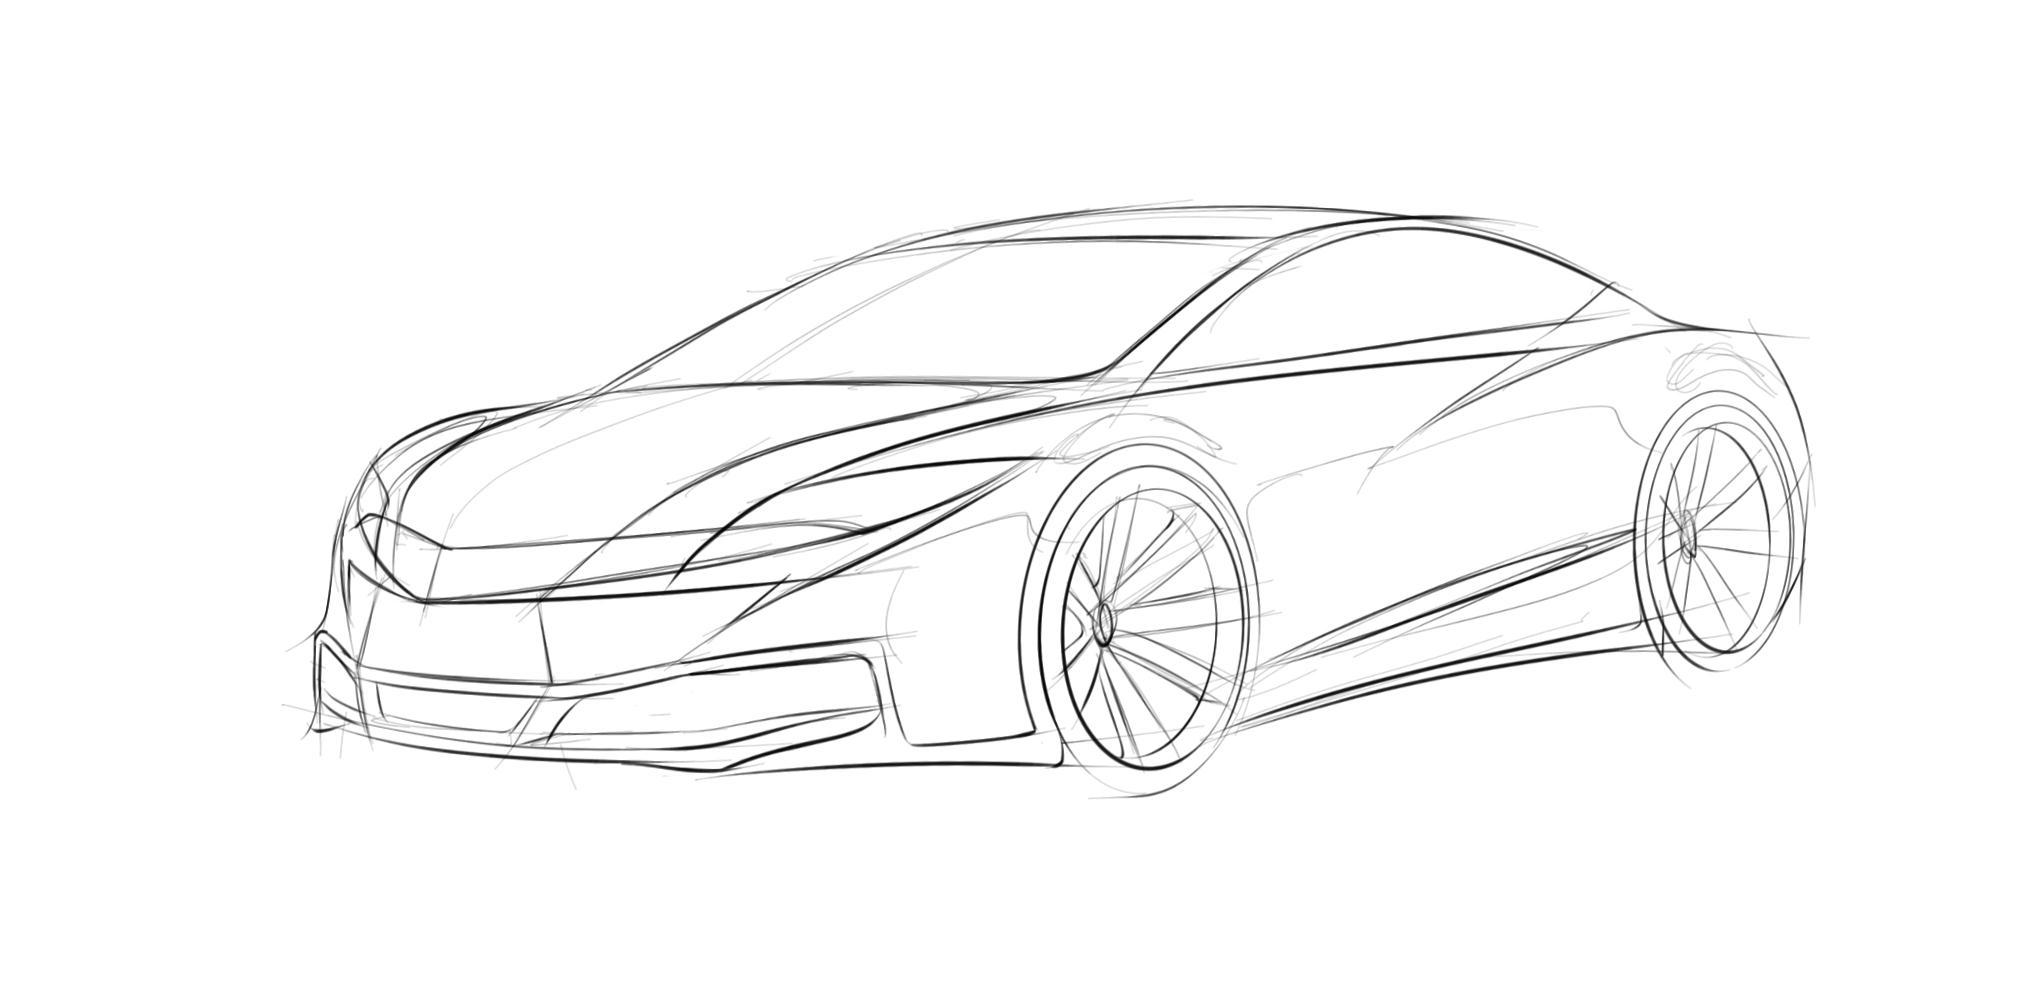 原创汽车造型设计表现手绘教程|工业/产品|交通工具